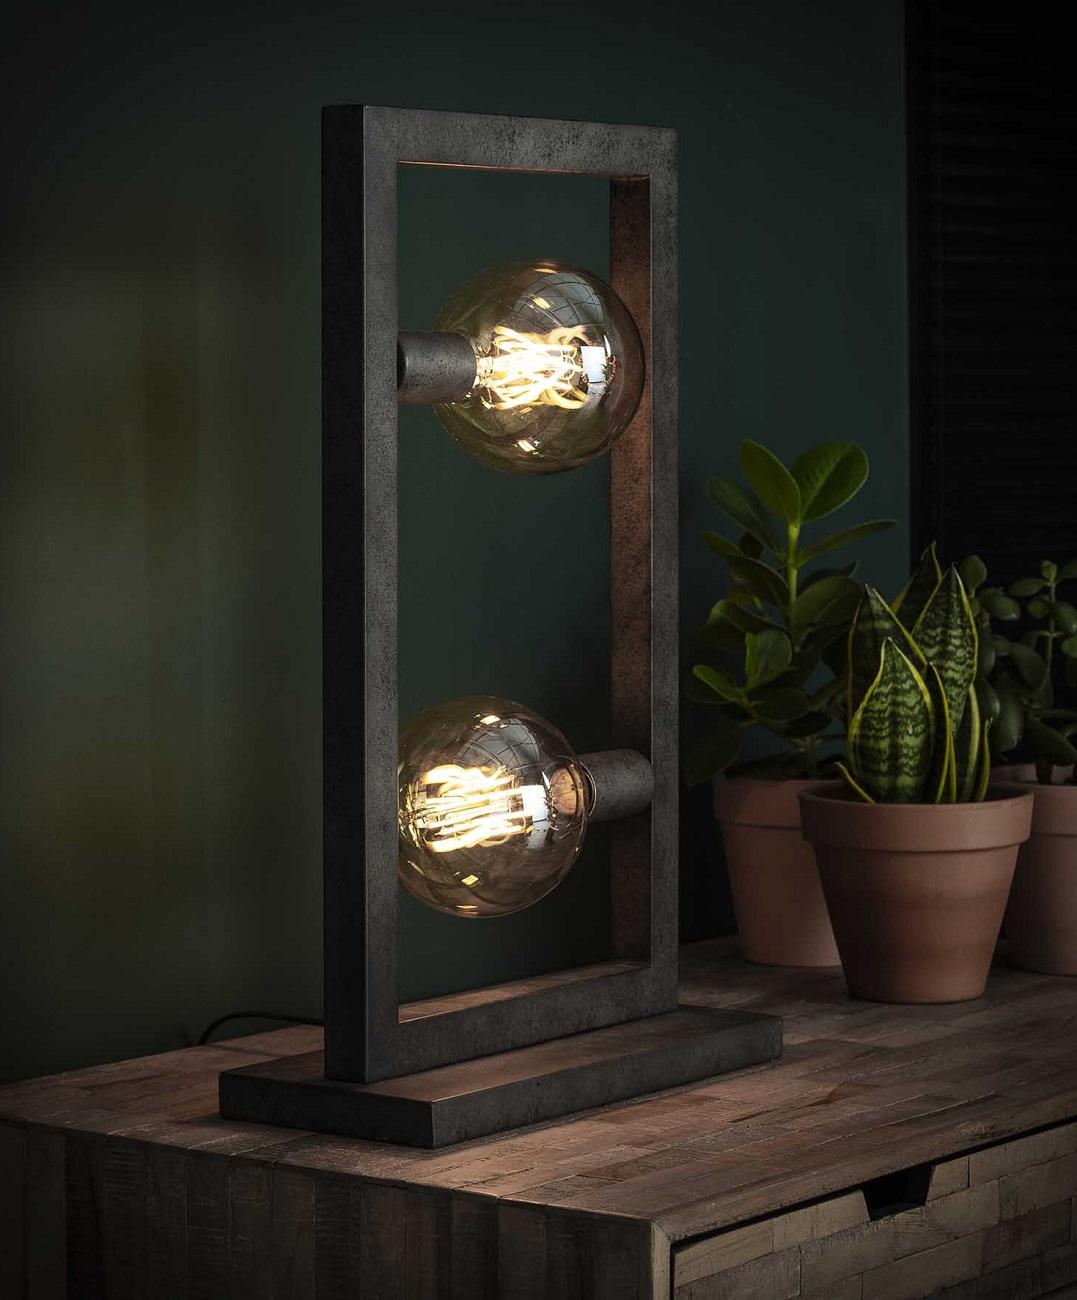 Tafellamp Steps 55 cm hoog in oud zilver